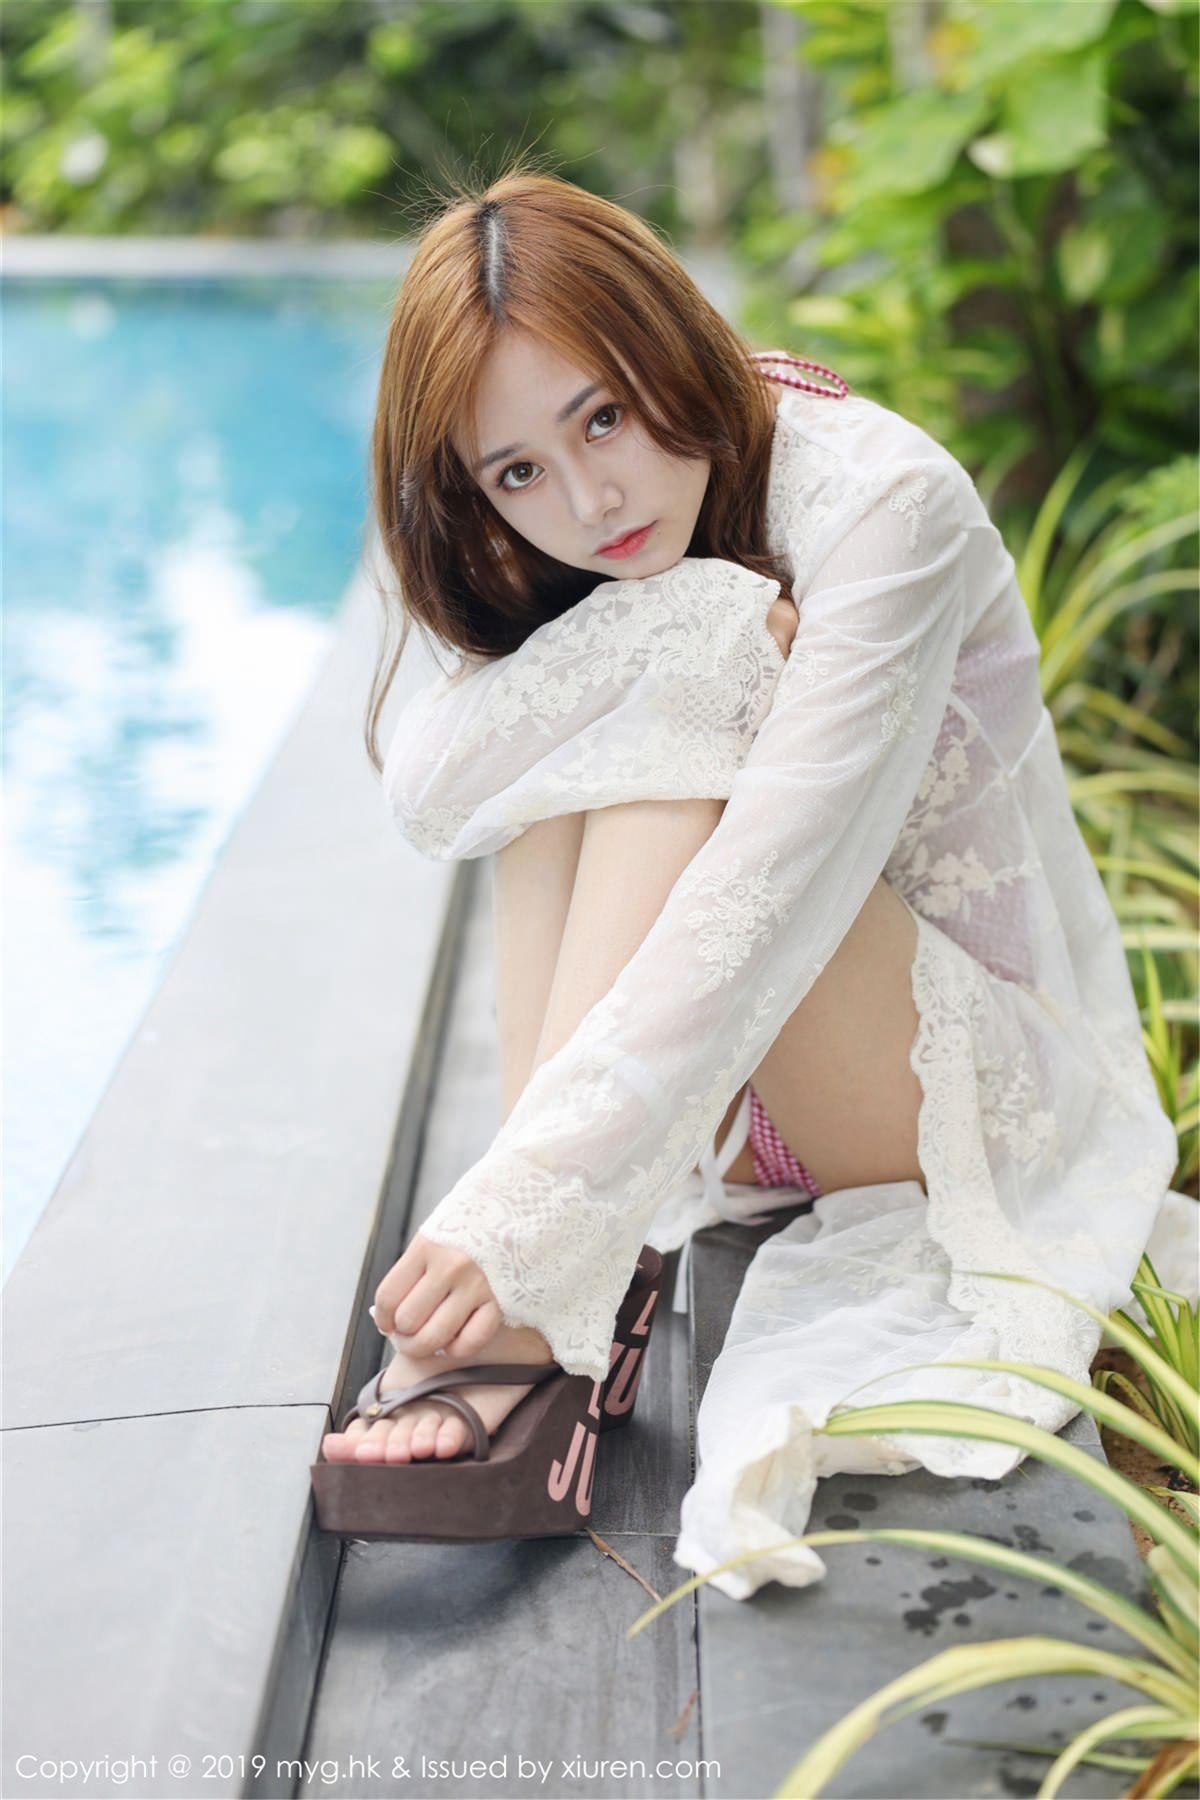 MyGirl Vol.356 1P, mygirl, Yu Zhu